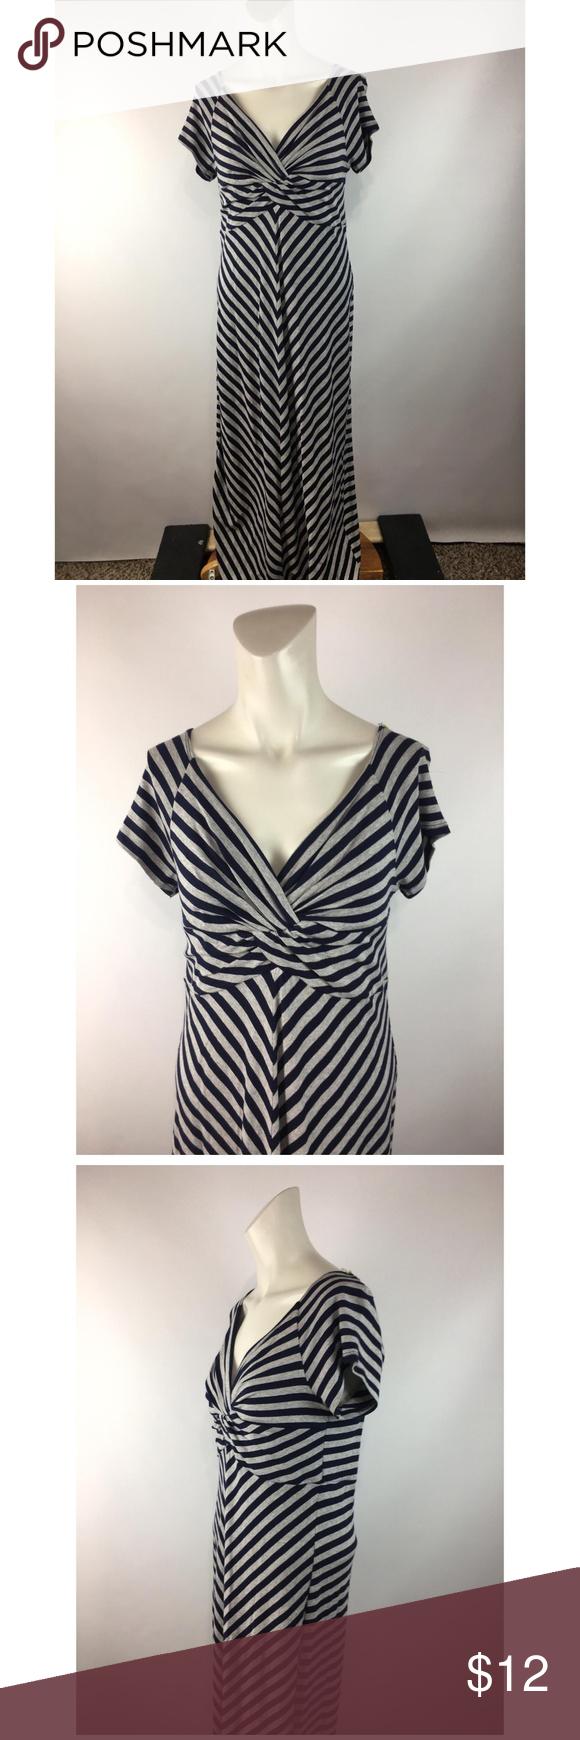 Cha Cha Vente Striped Stretchy Soft Maxi Dress Maxi Dress Clothes Design Dresses [ 1740 x 580 Pixel ]